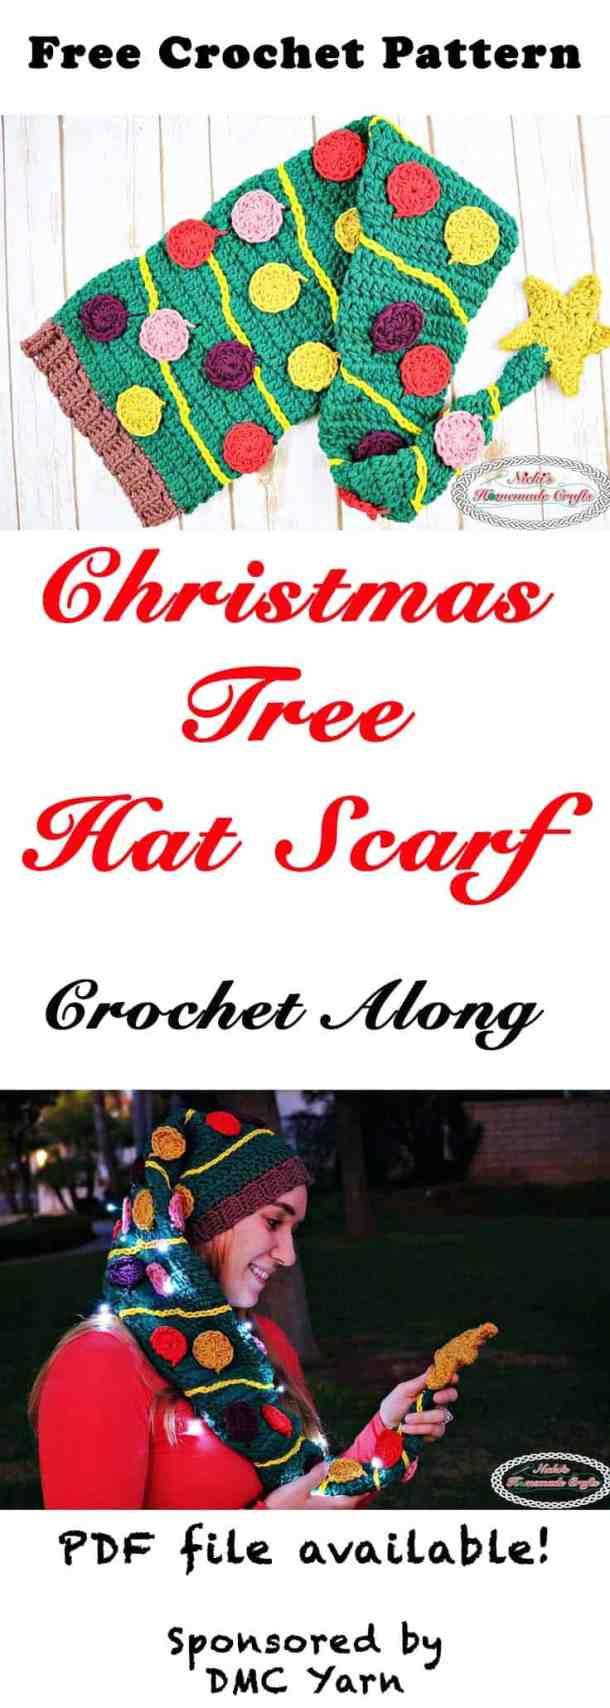 Christmas Tree Hat Scarf Crochet Along Free Crochet Pattern